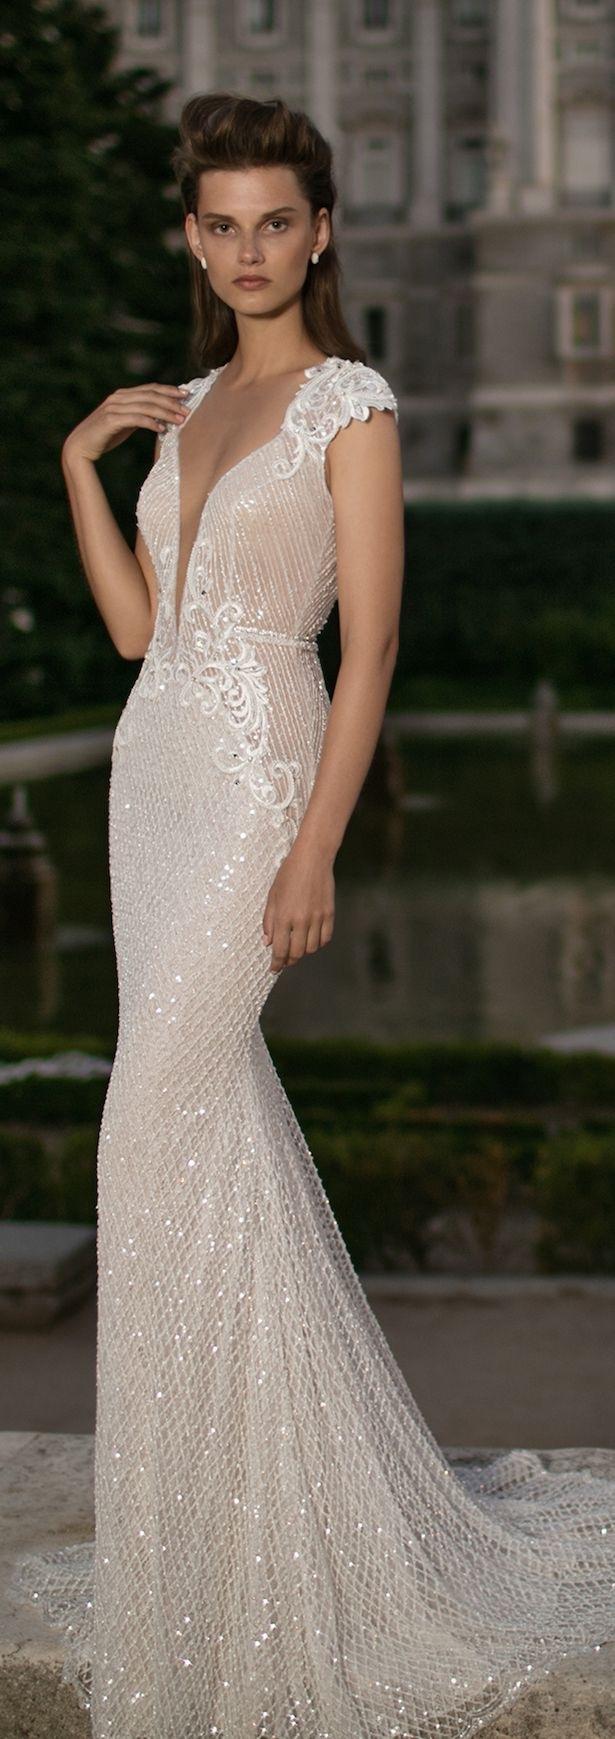 vestido de noiva decotado sexy e lindo - blogoolhaisso